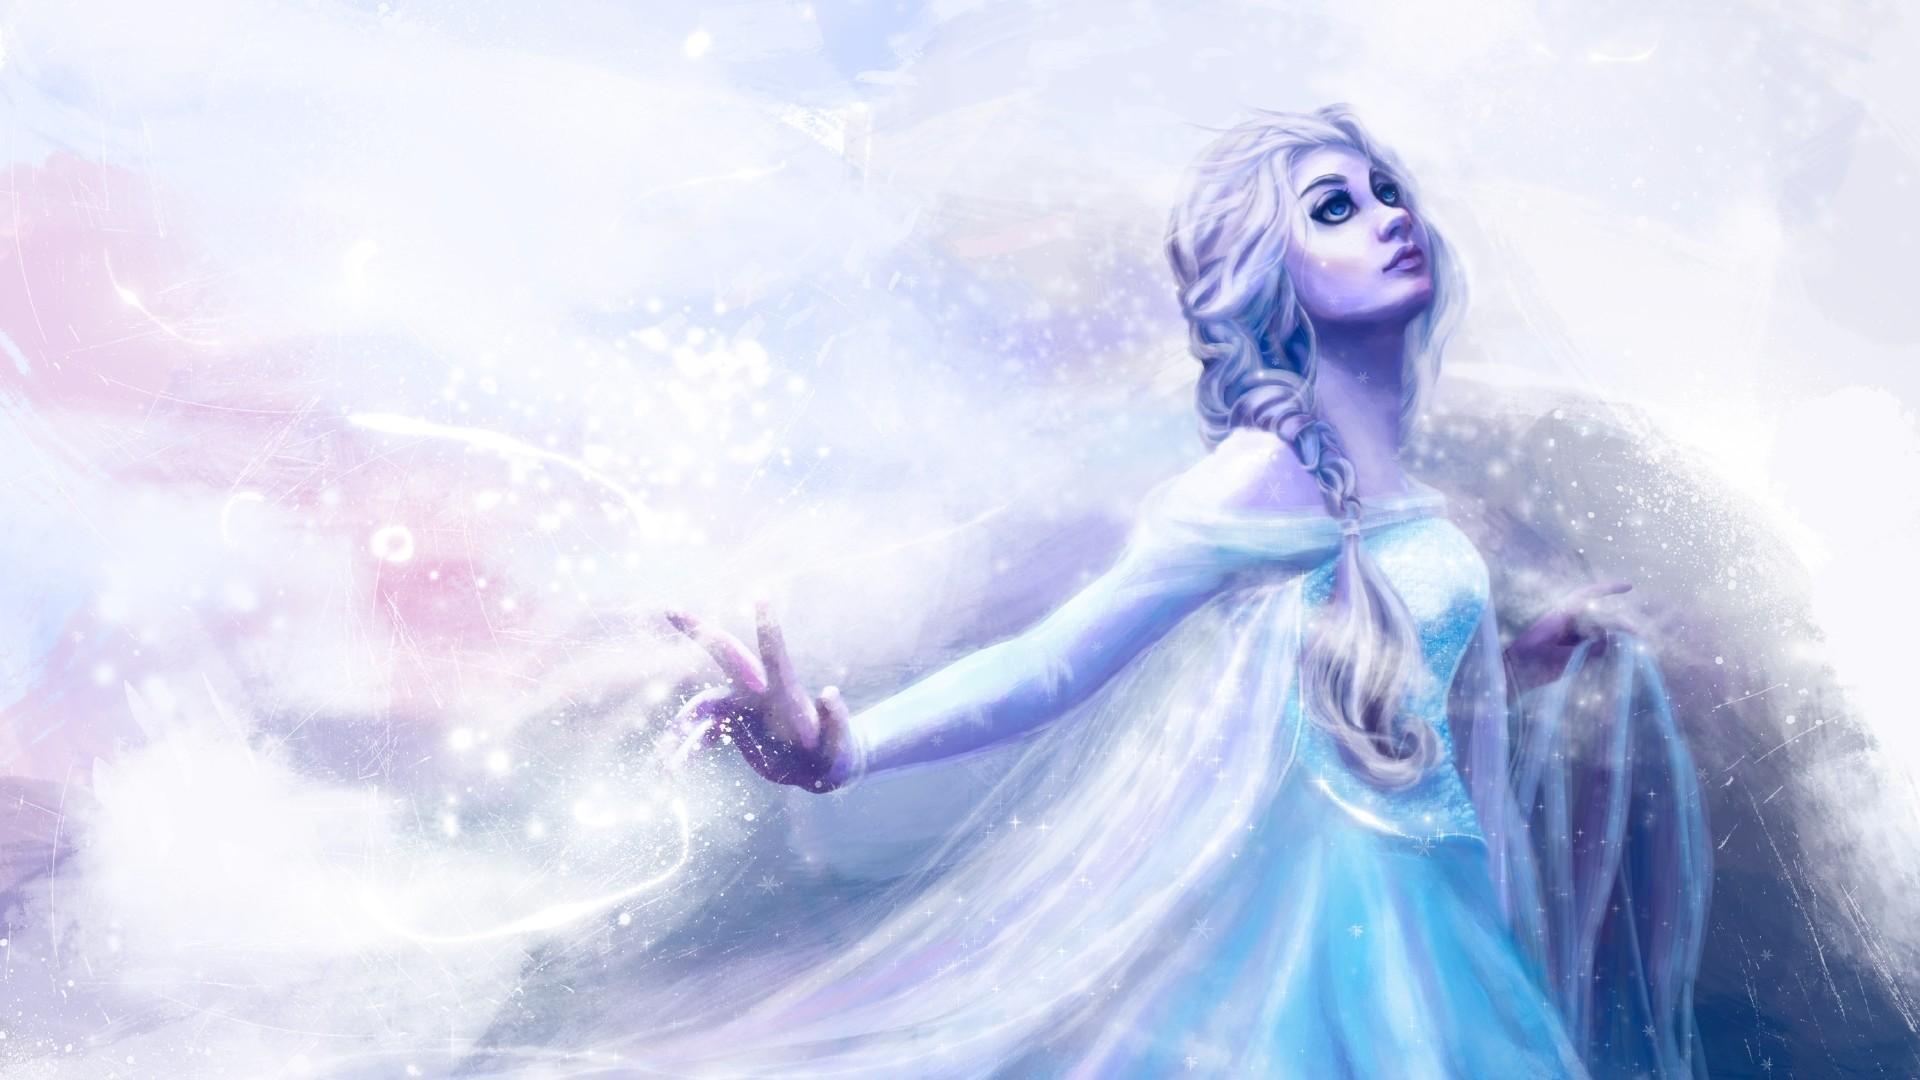 wallpaper : illustration, anime, artwork, blue, frozen movie